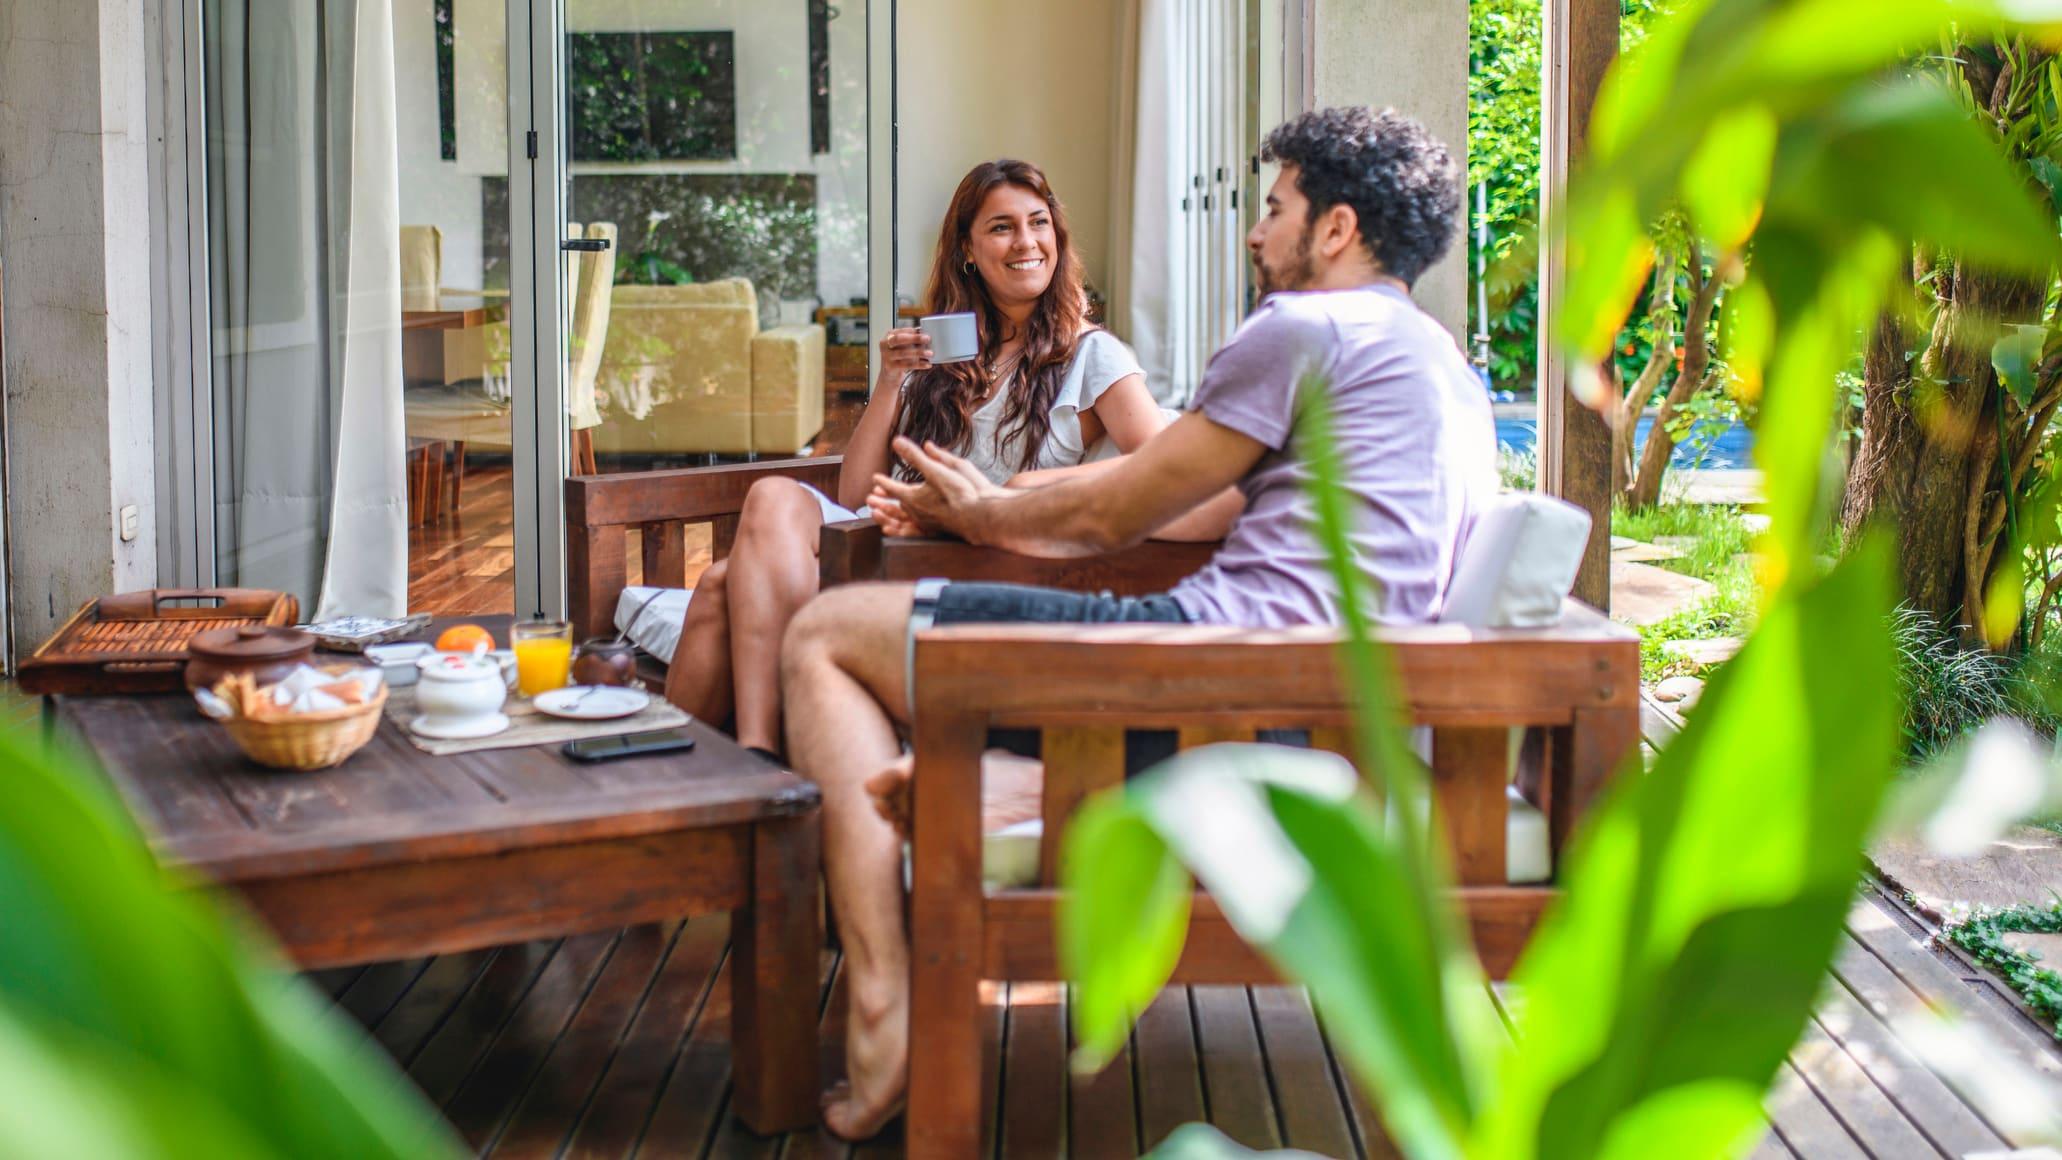 Alto padrão em foco no mercado imobiliário